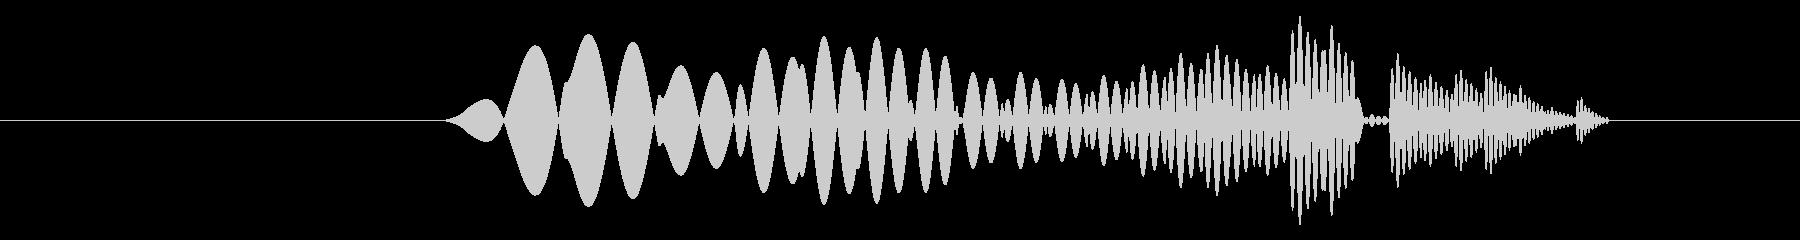 モヤッ(ゆるかわ系のネガティブ動作)の未再生の波形